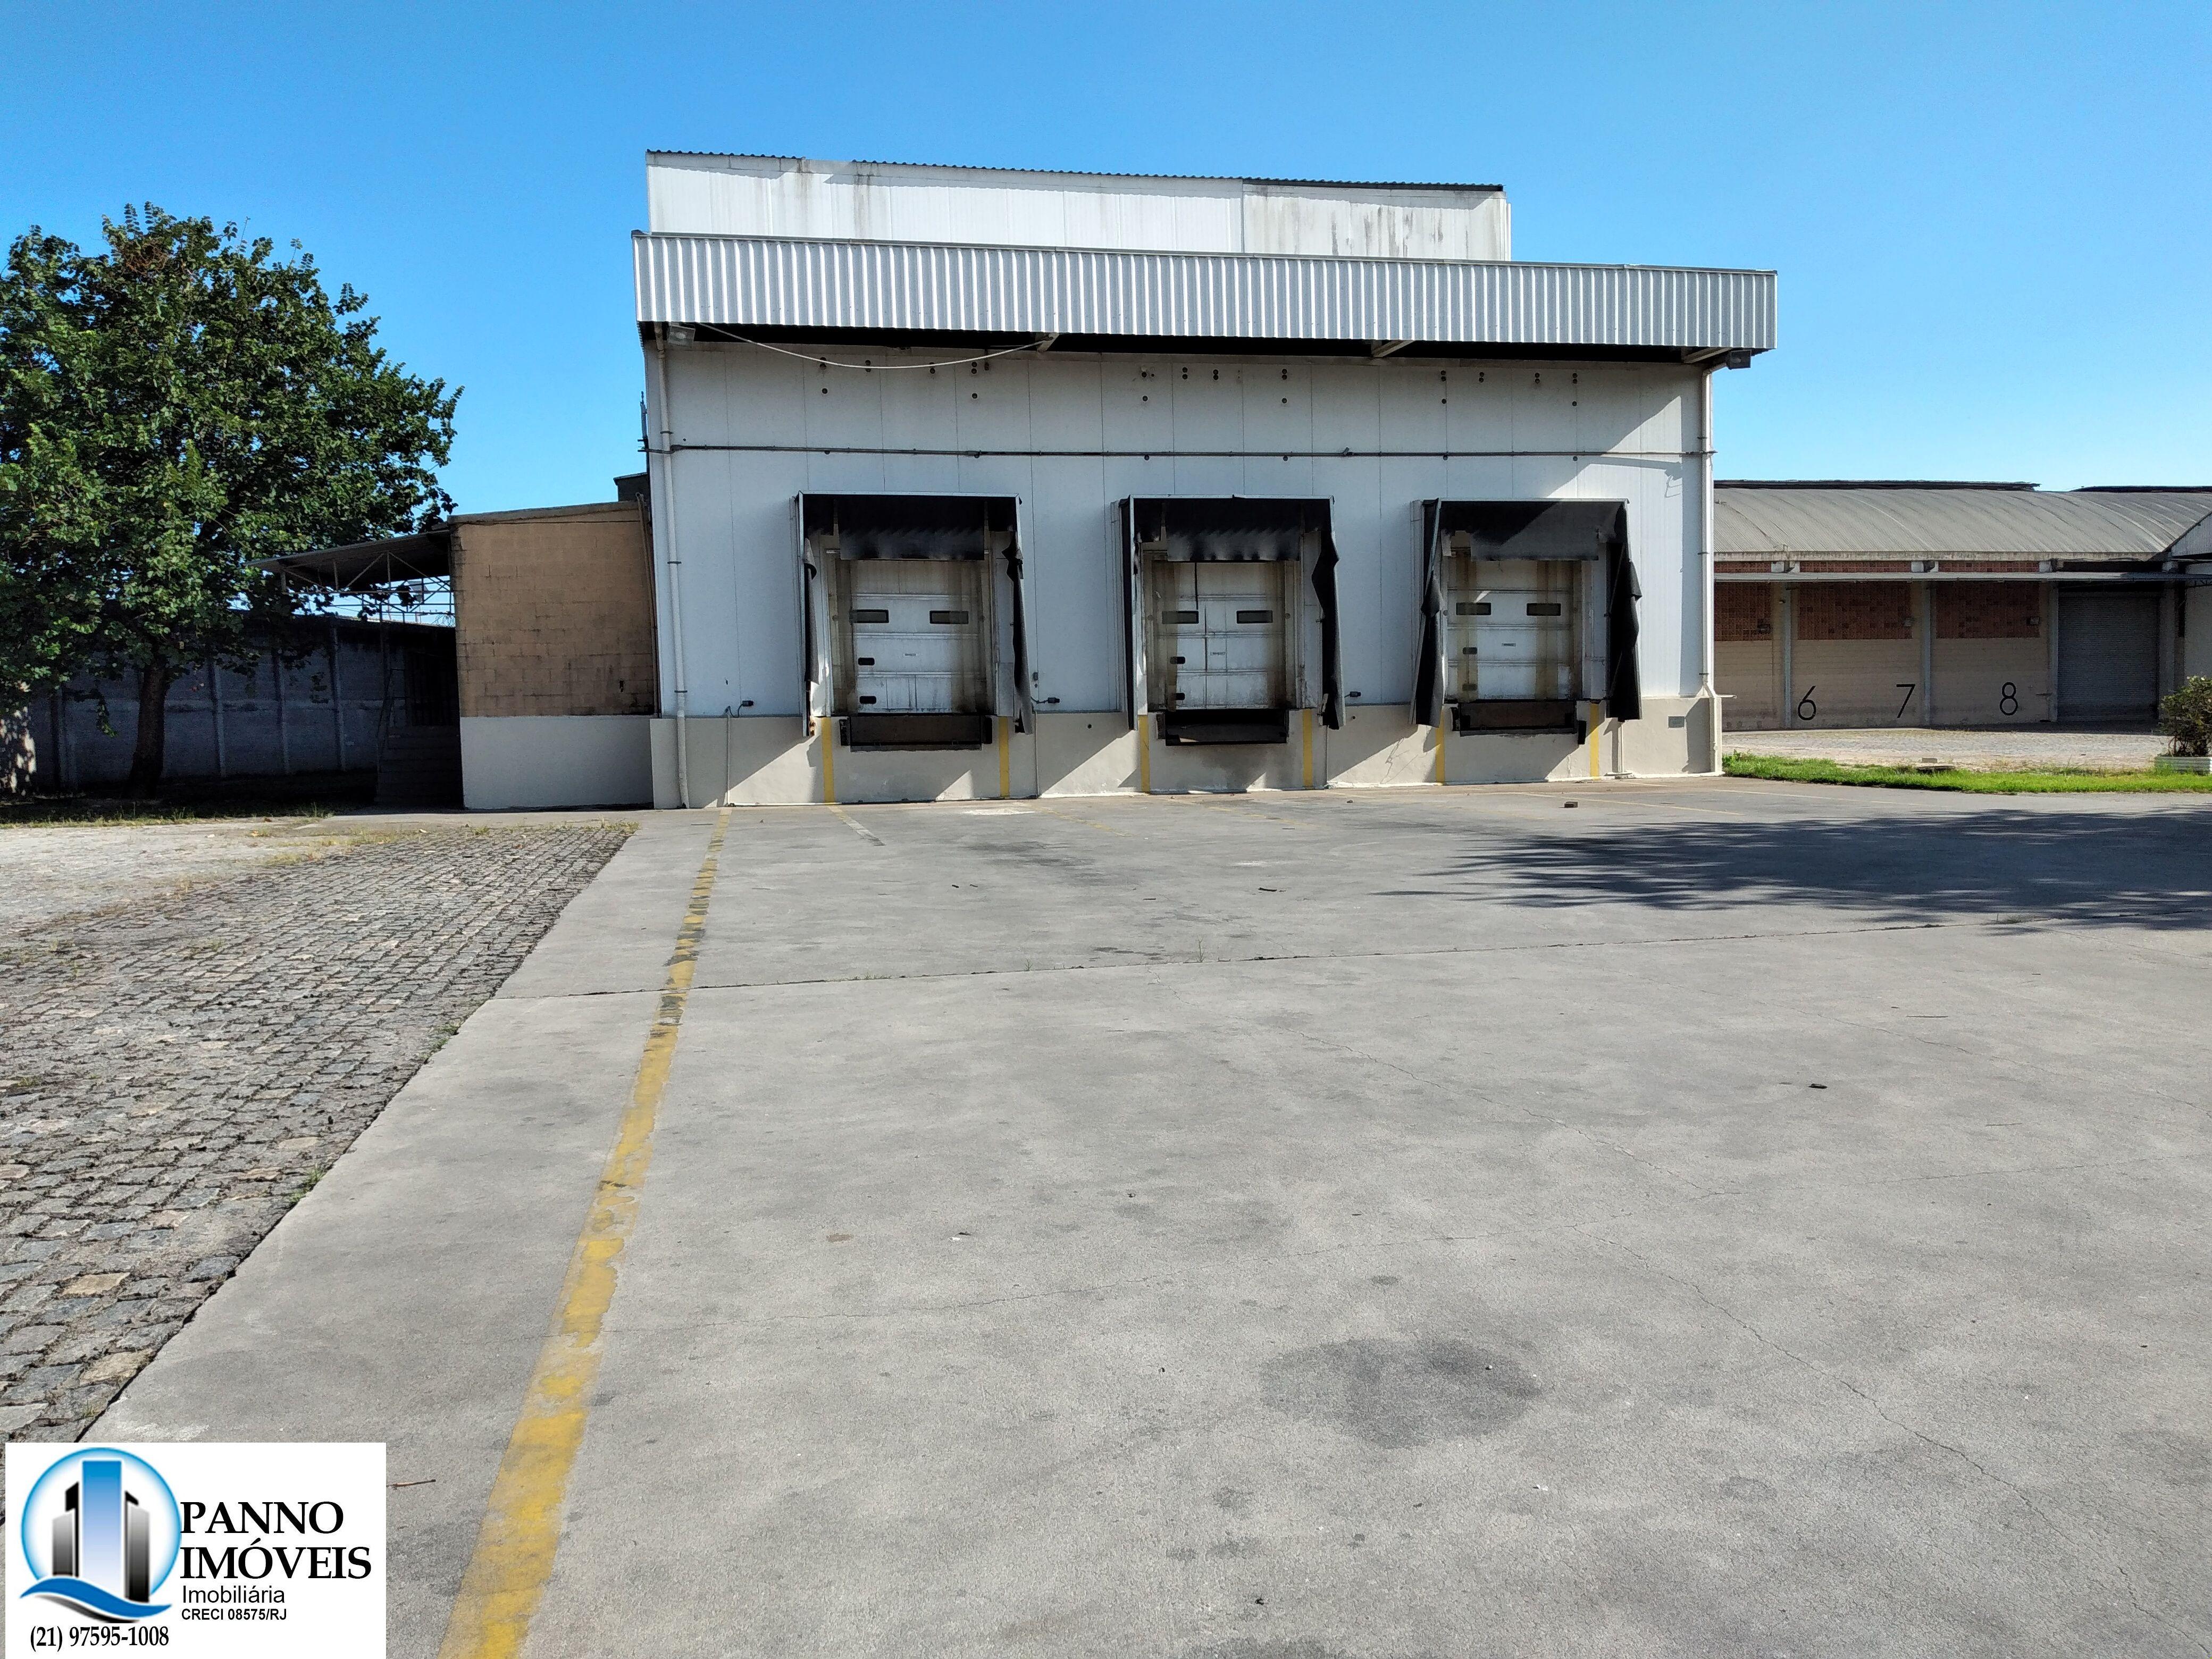 Pavilhão/galpão/depósito à venda  no Chácaras Rio-petrópolis - Duque de Caxias, RJ. Imóveis